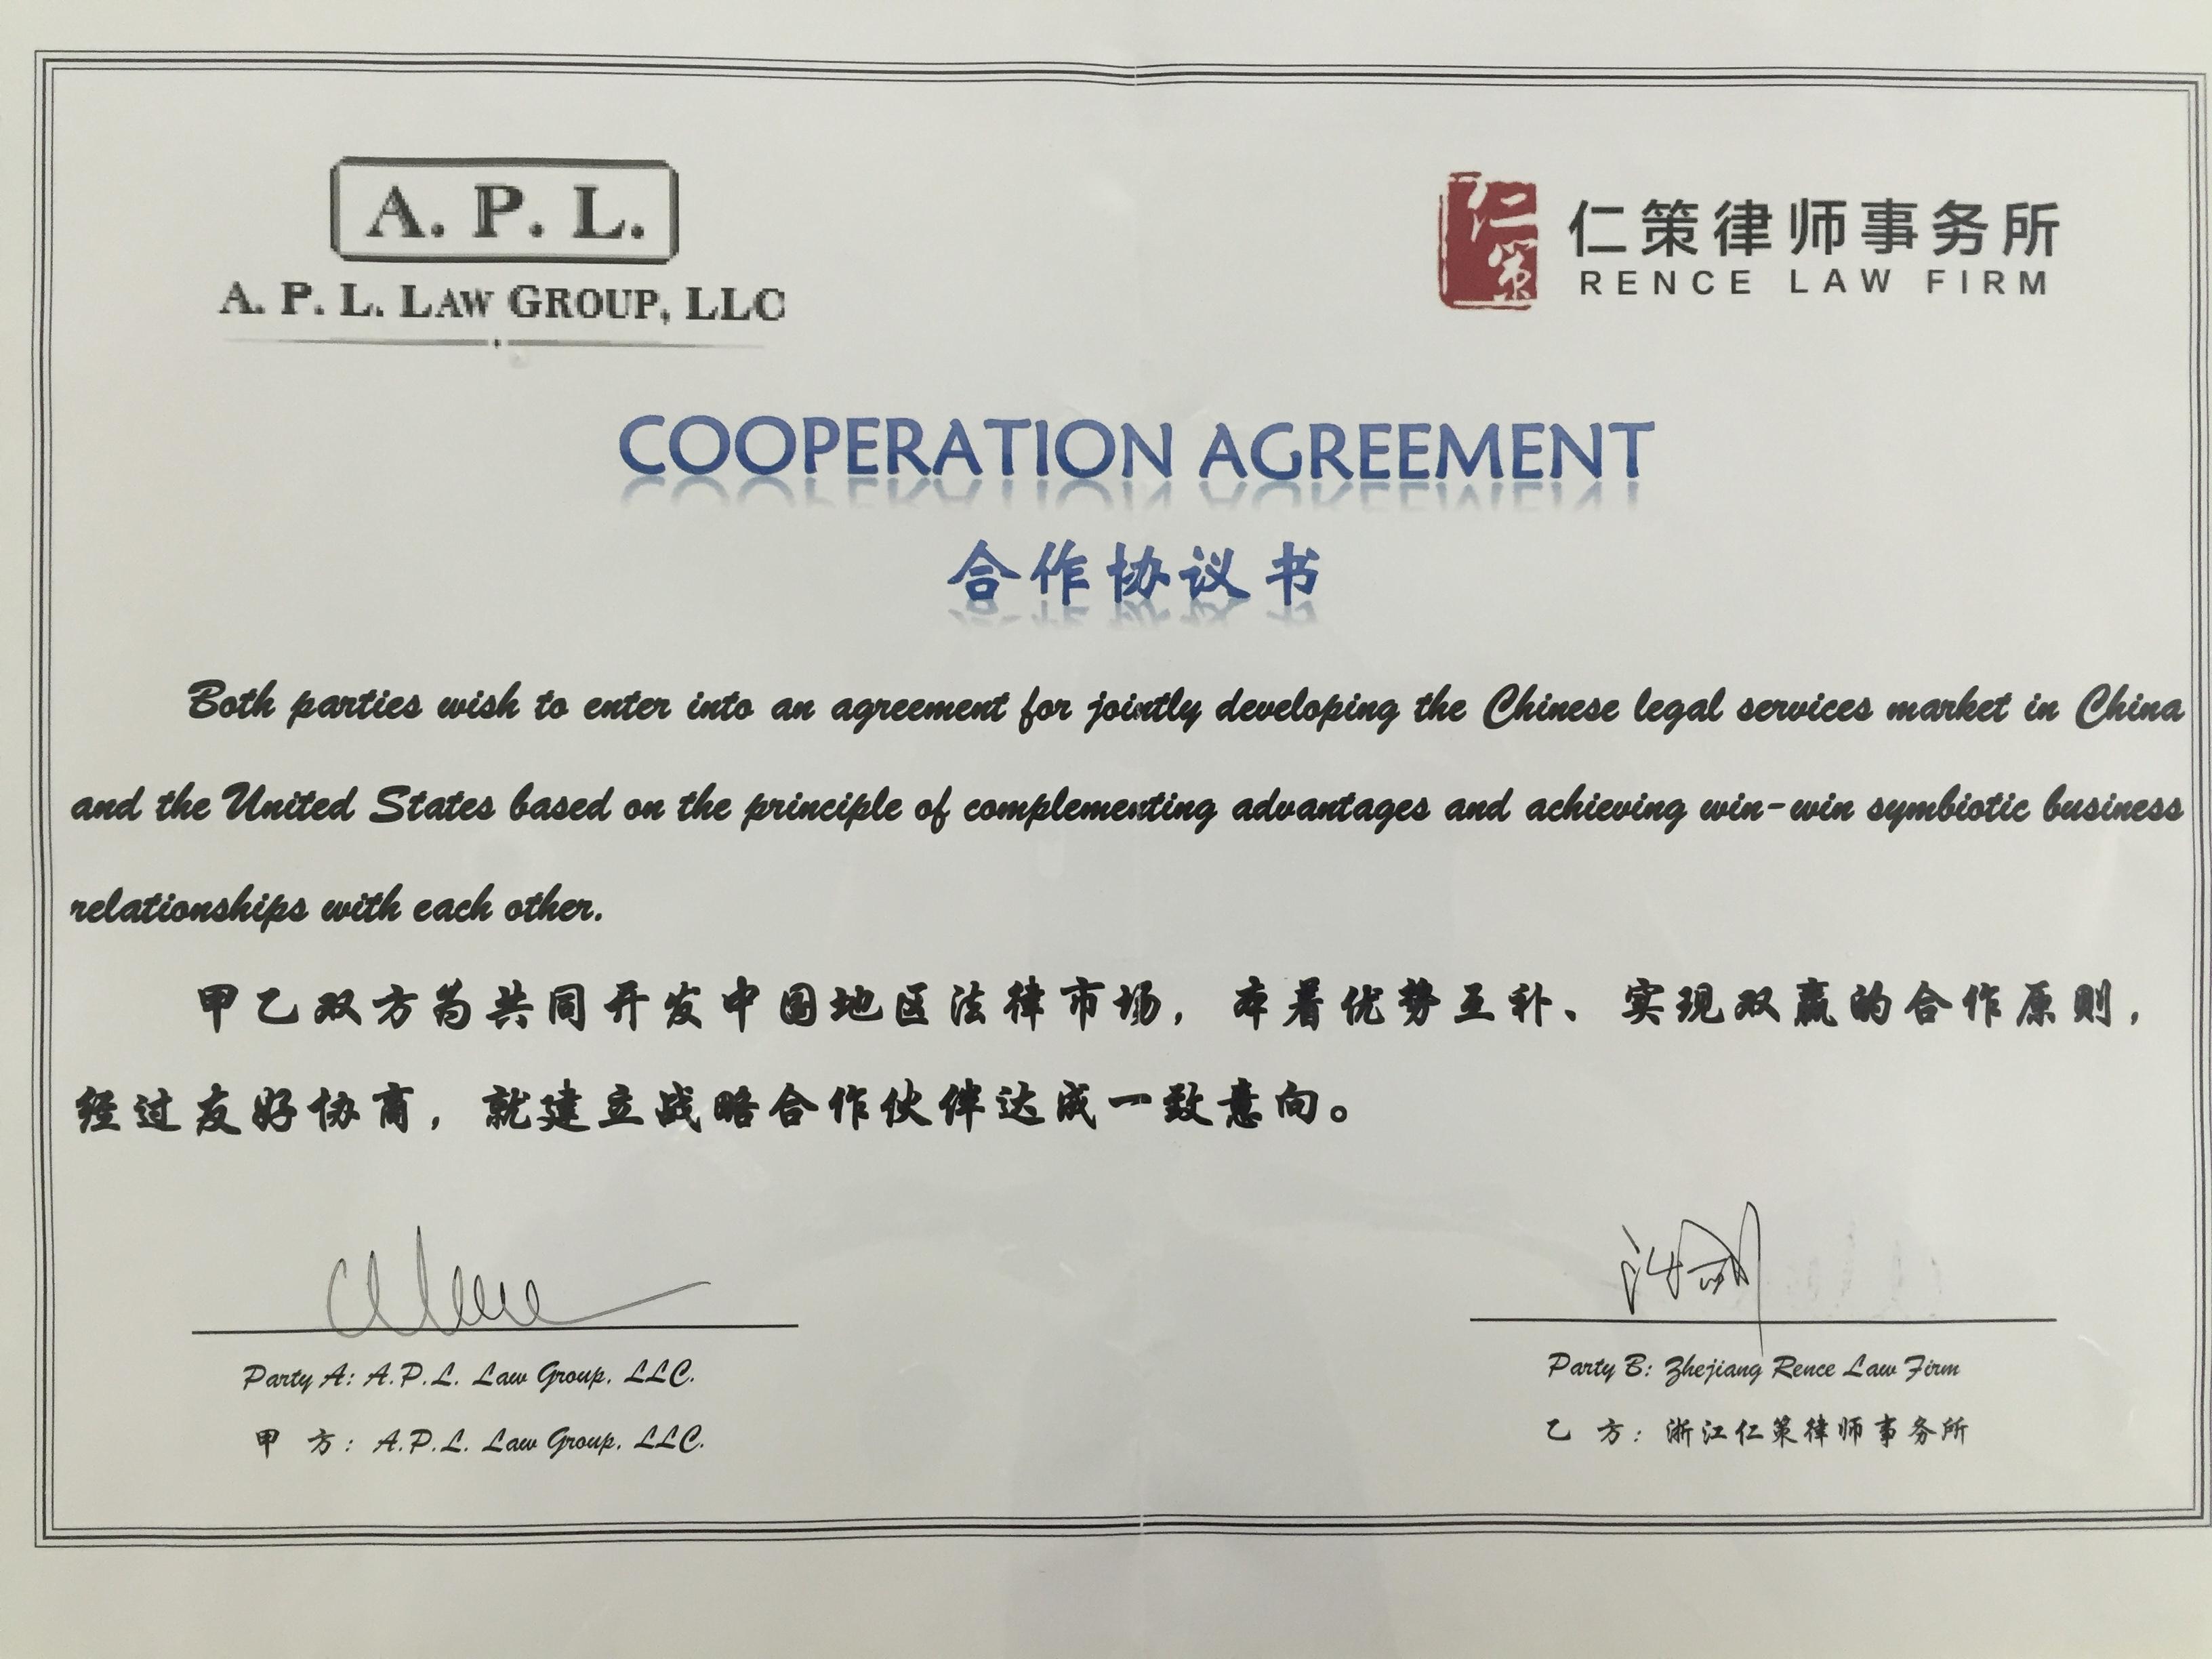 仁策律师事务所成为美国A.P.L律师事务所中国地区业务的唯一合作伙伴。